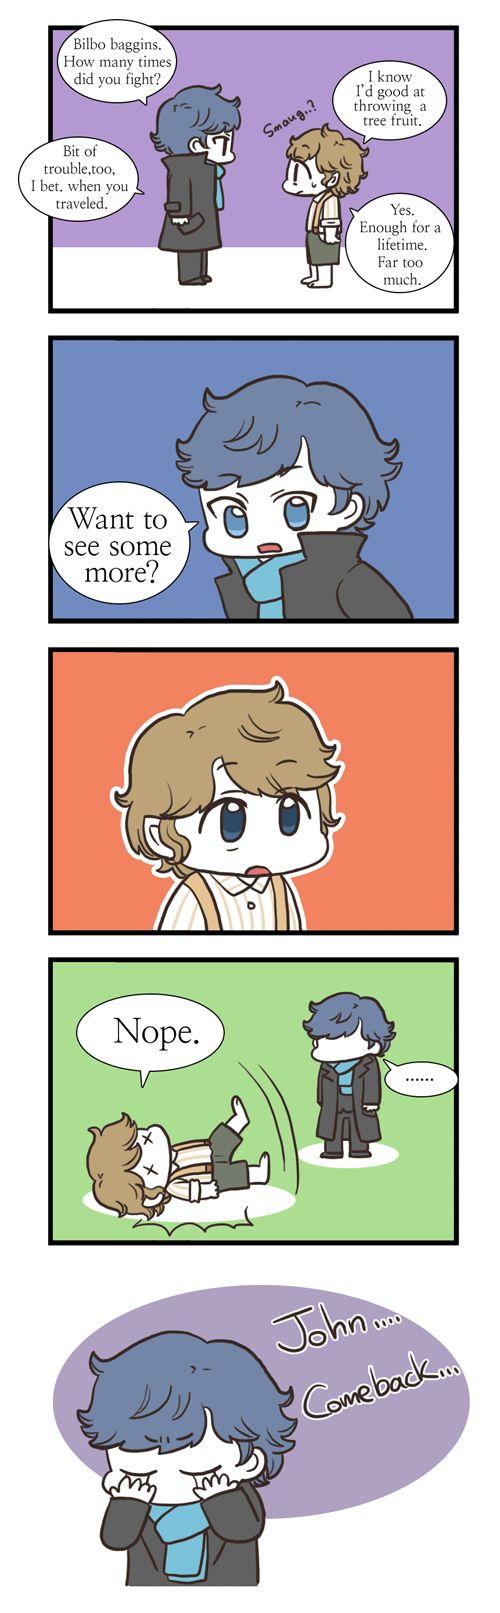 [CROSSOVER] Sherlock meet Bilbo by twosugars16.deviantart.com on @deviantART